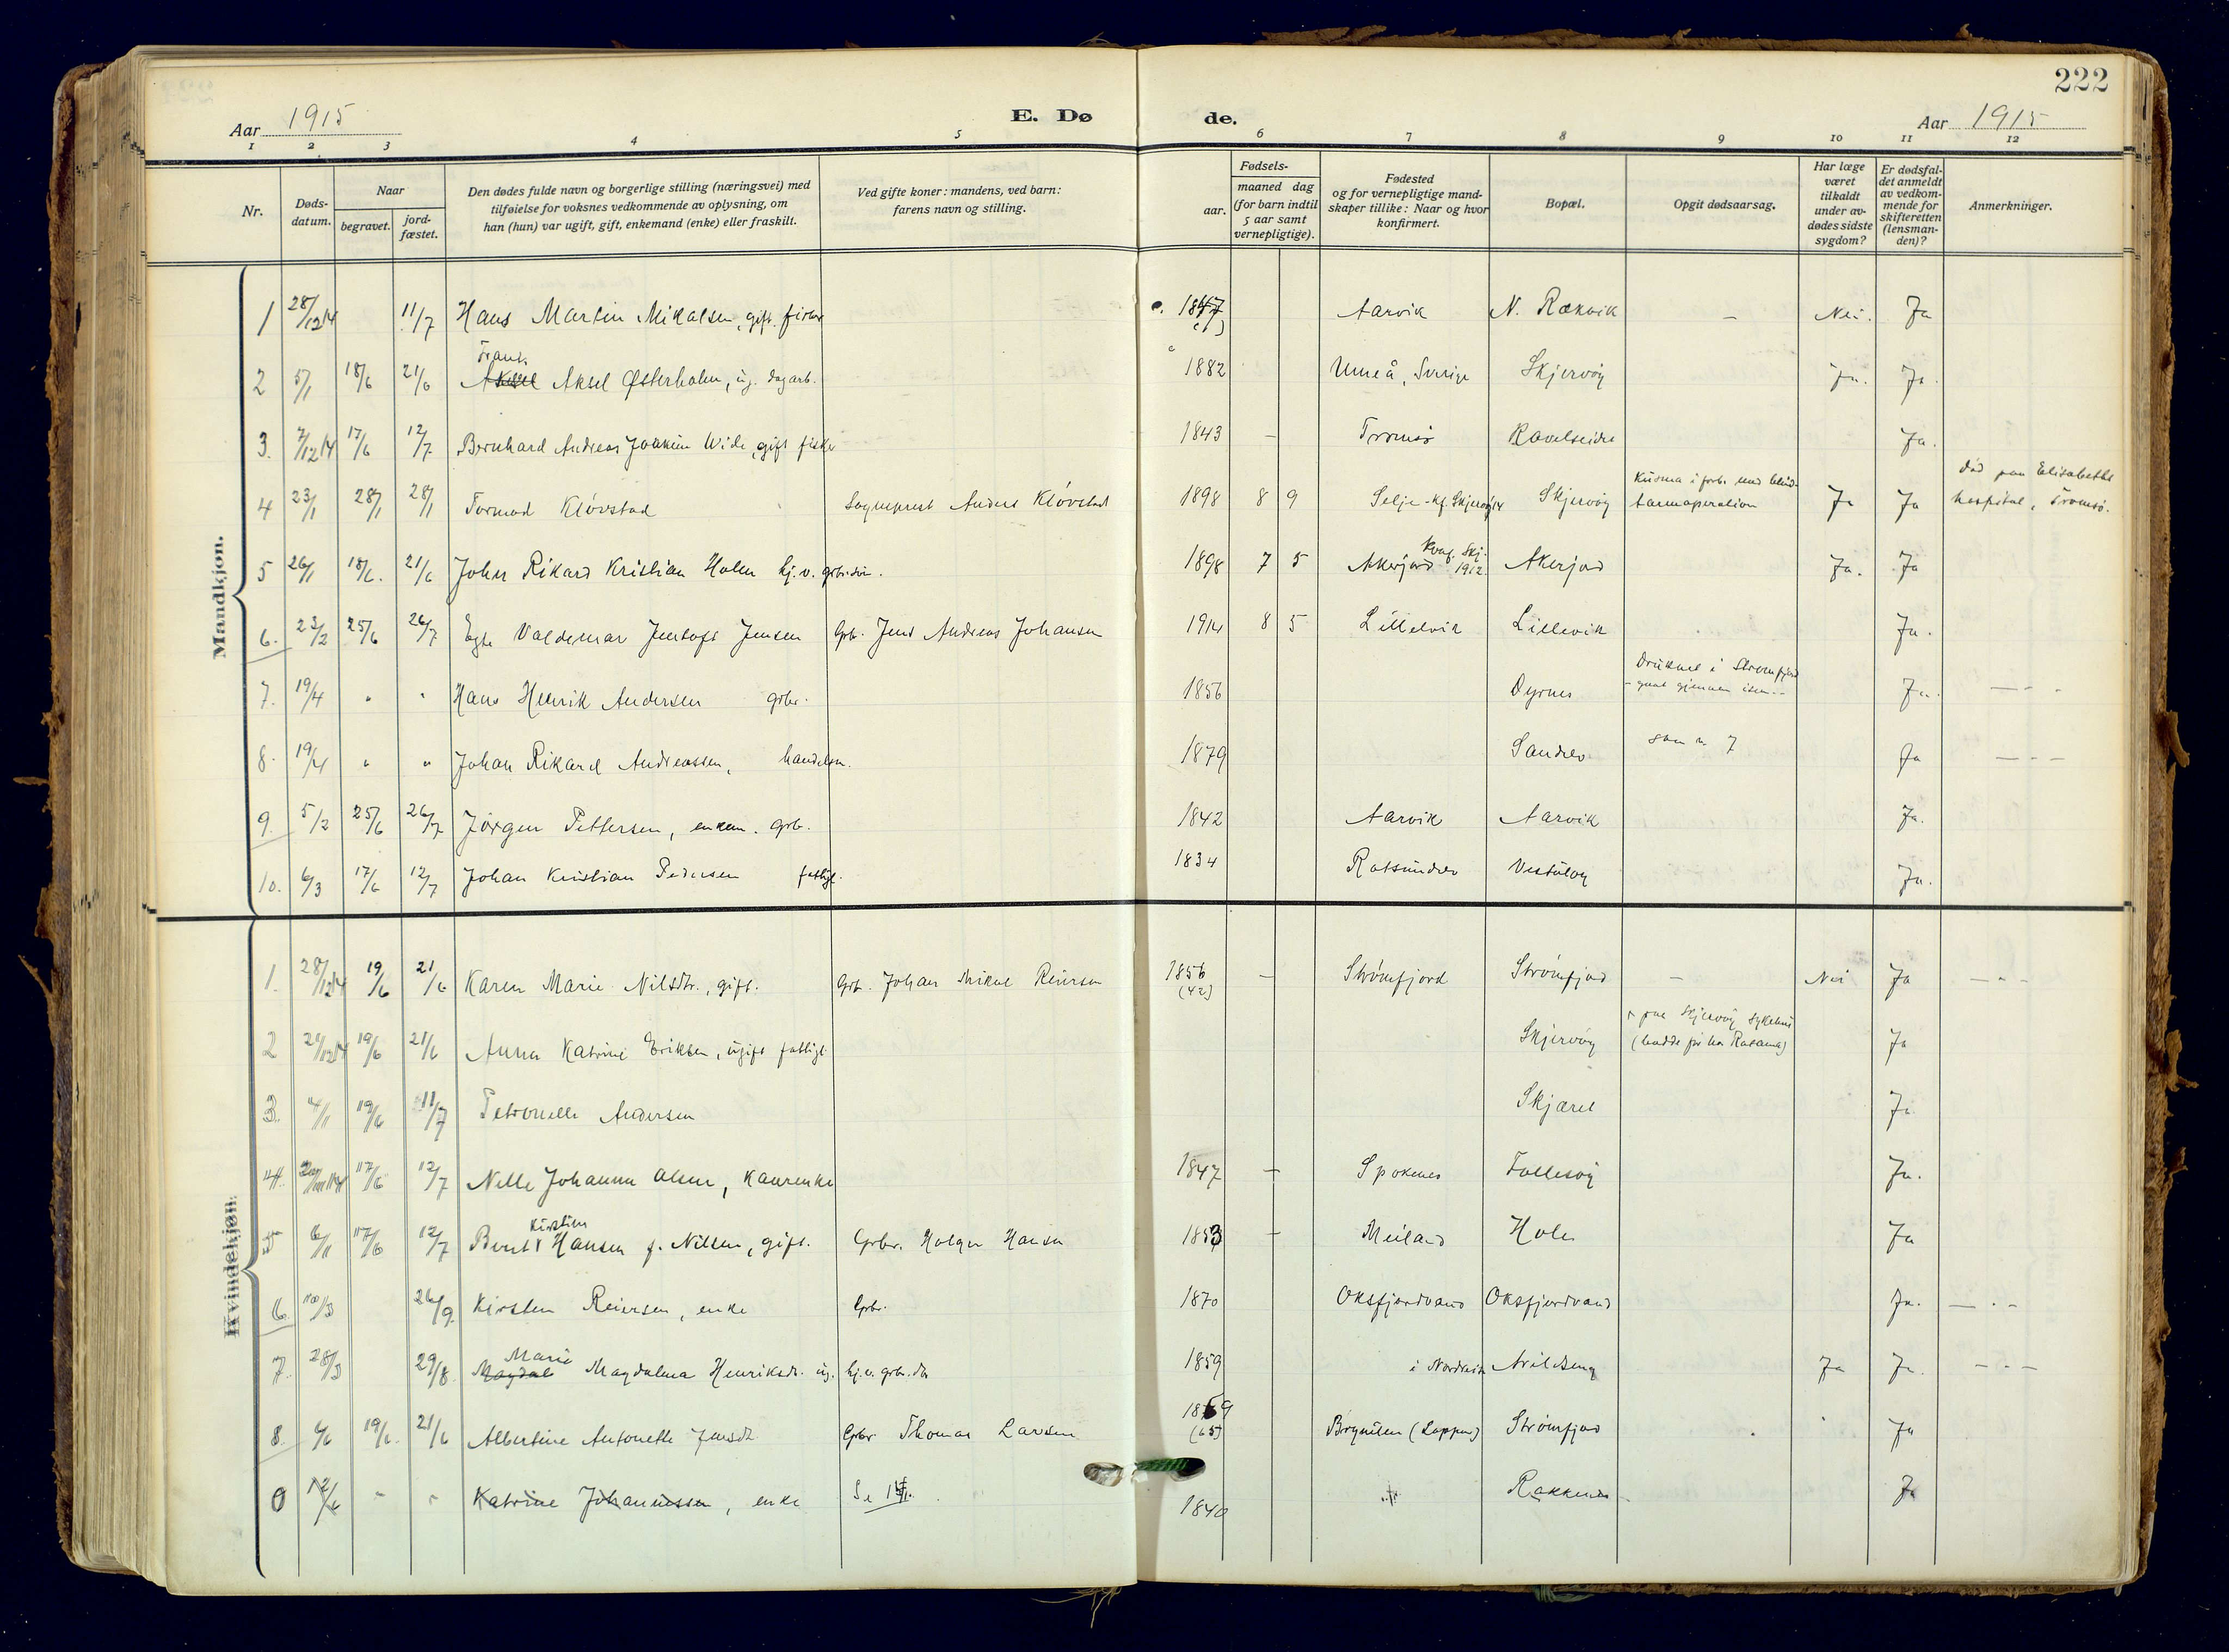 SATØ, Skjervøy sokneprestkontor, H/Ha/Haa: Ministerialbok nr. 18, 1910-1926, s. 222